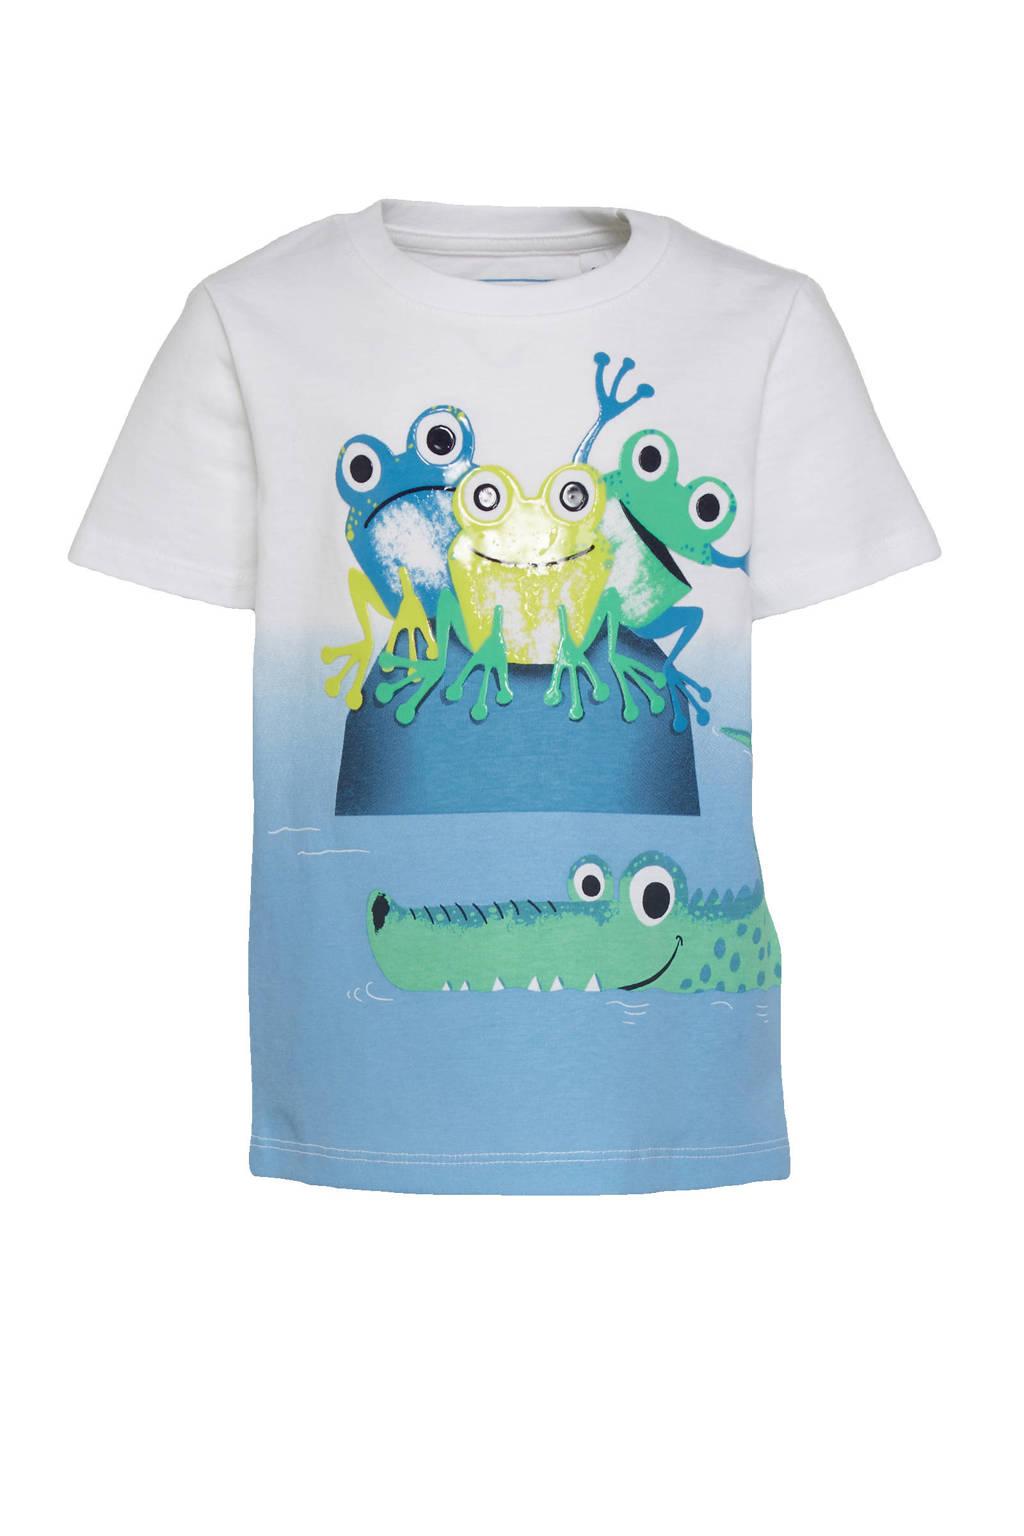 C&A Tough Team T-shirt van biologisch katoen wit/blauw/groen, Wit/blauw/groen